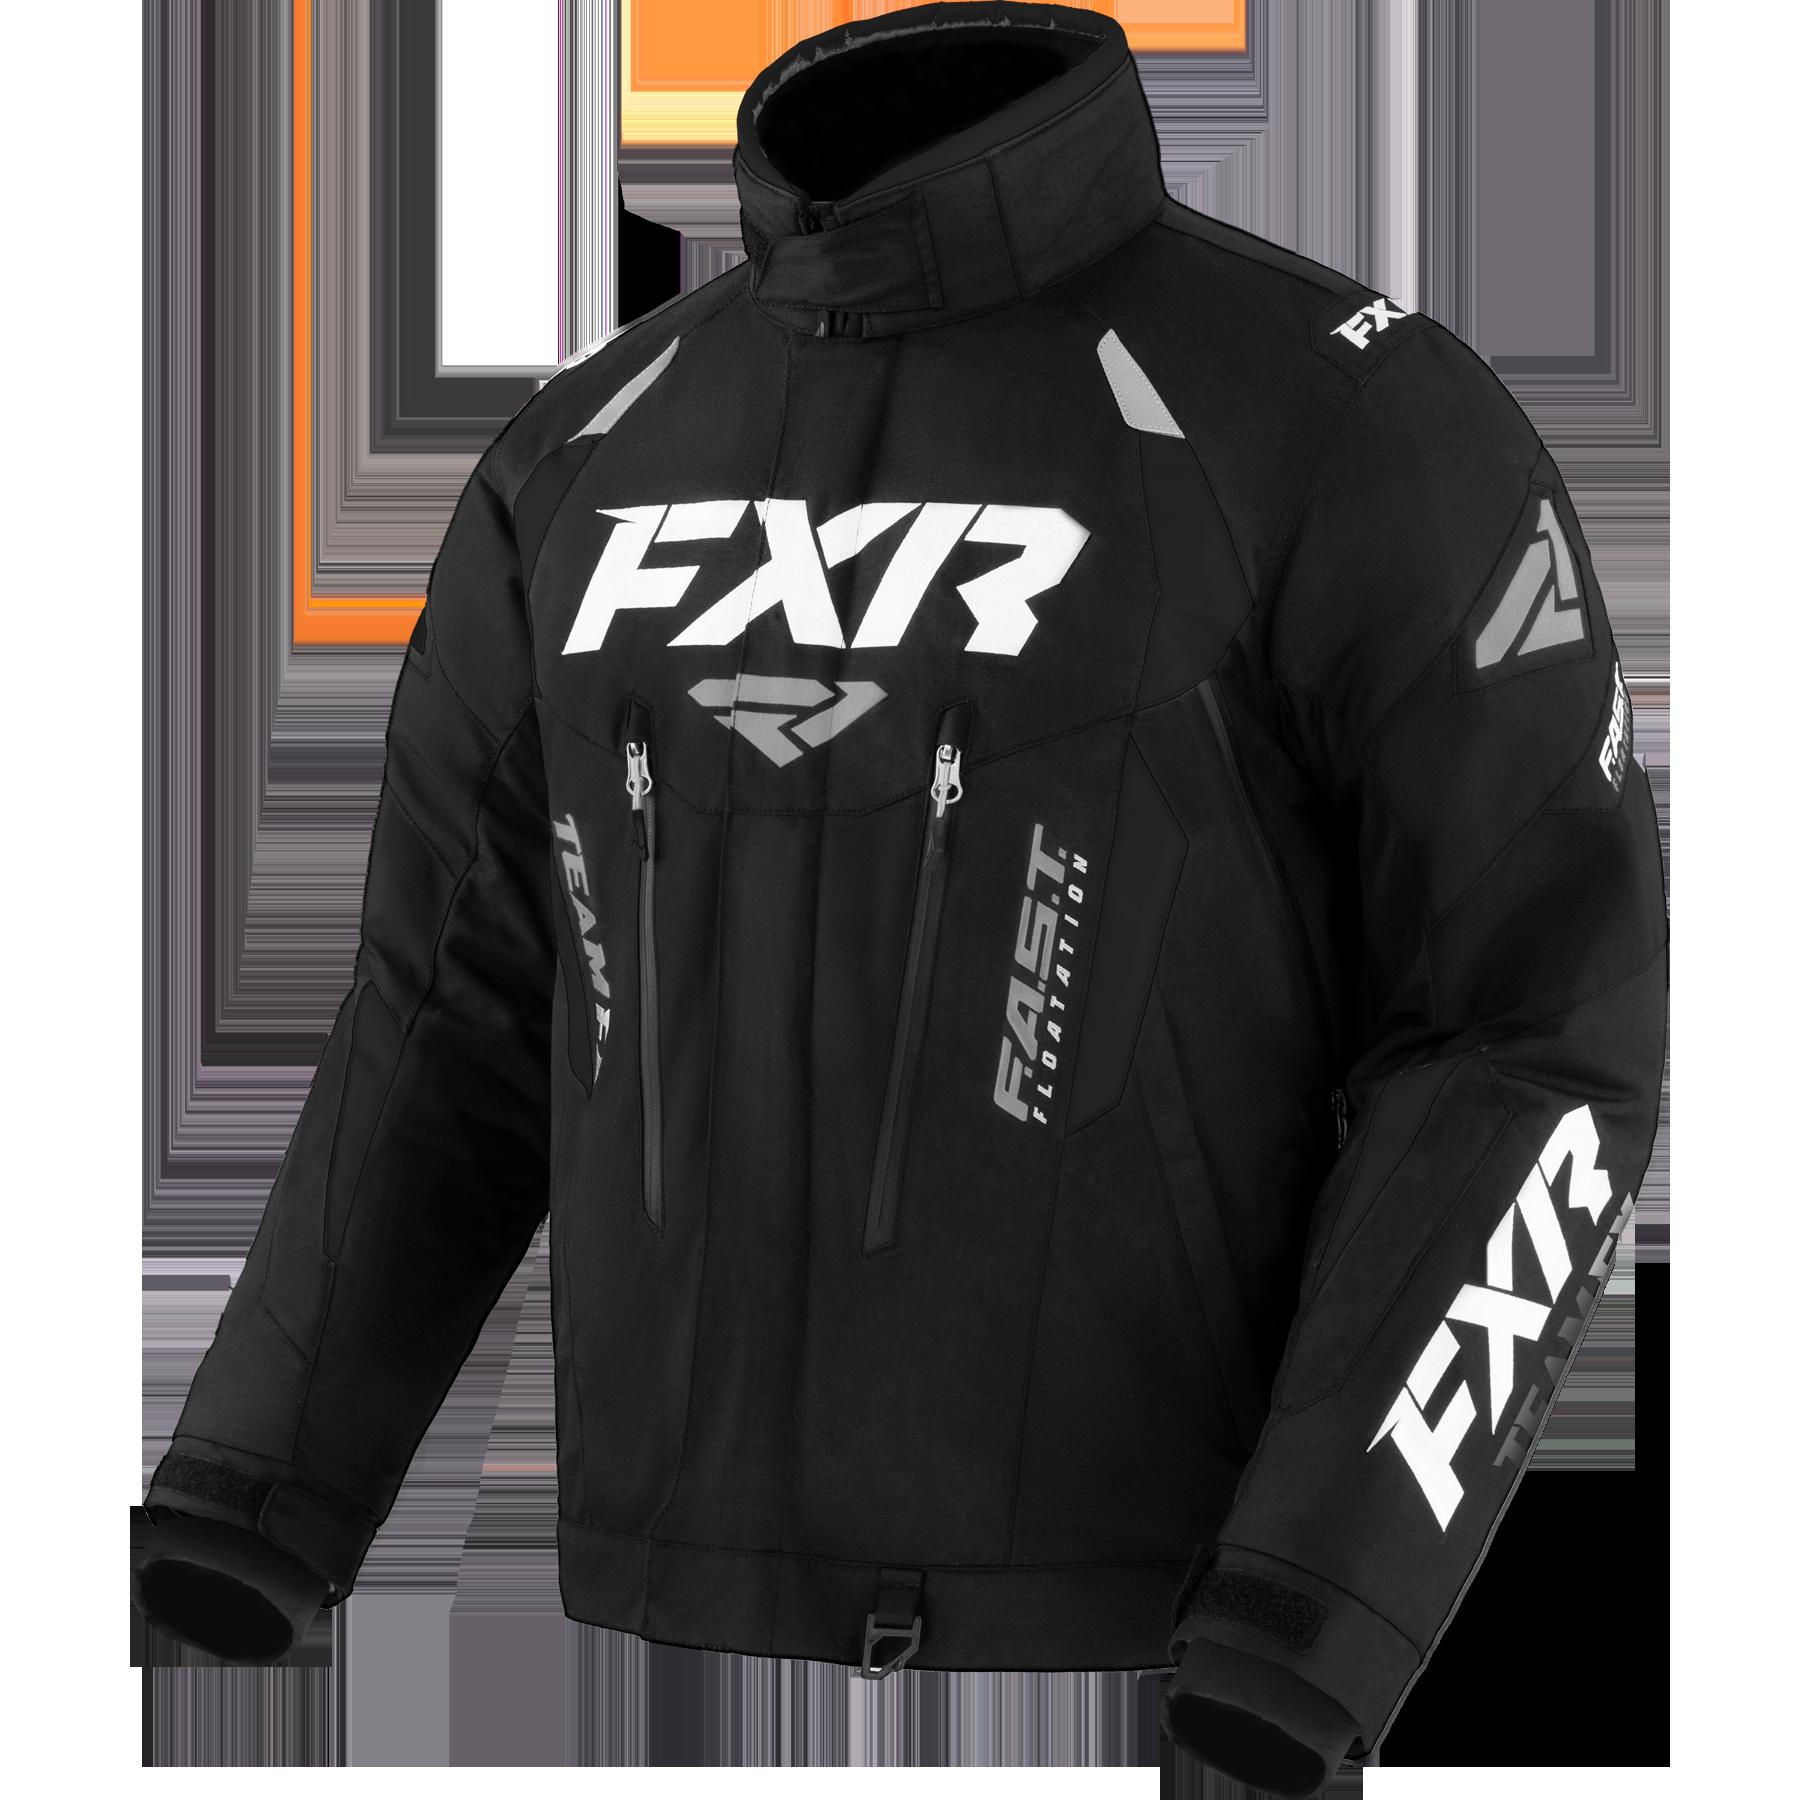 Team Fx Jacket 22 KI 4-9